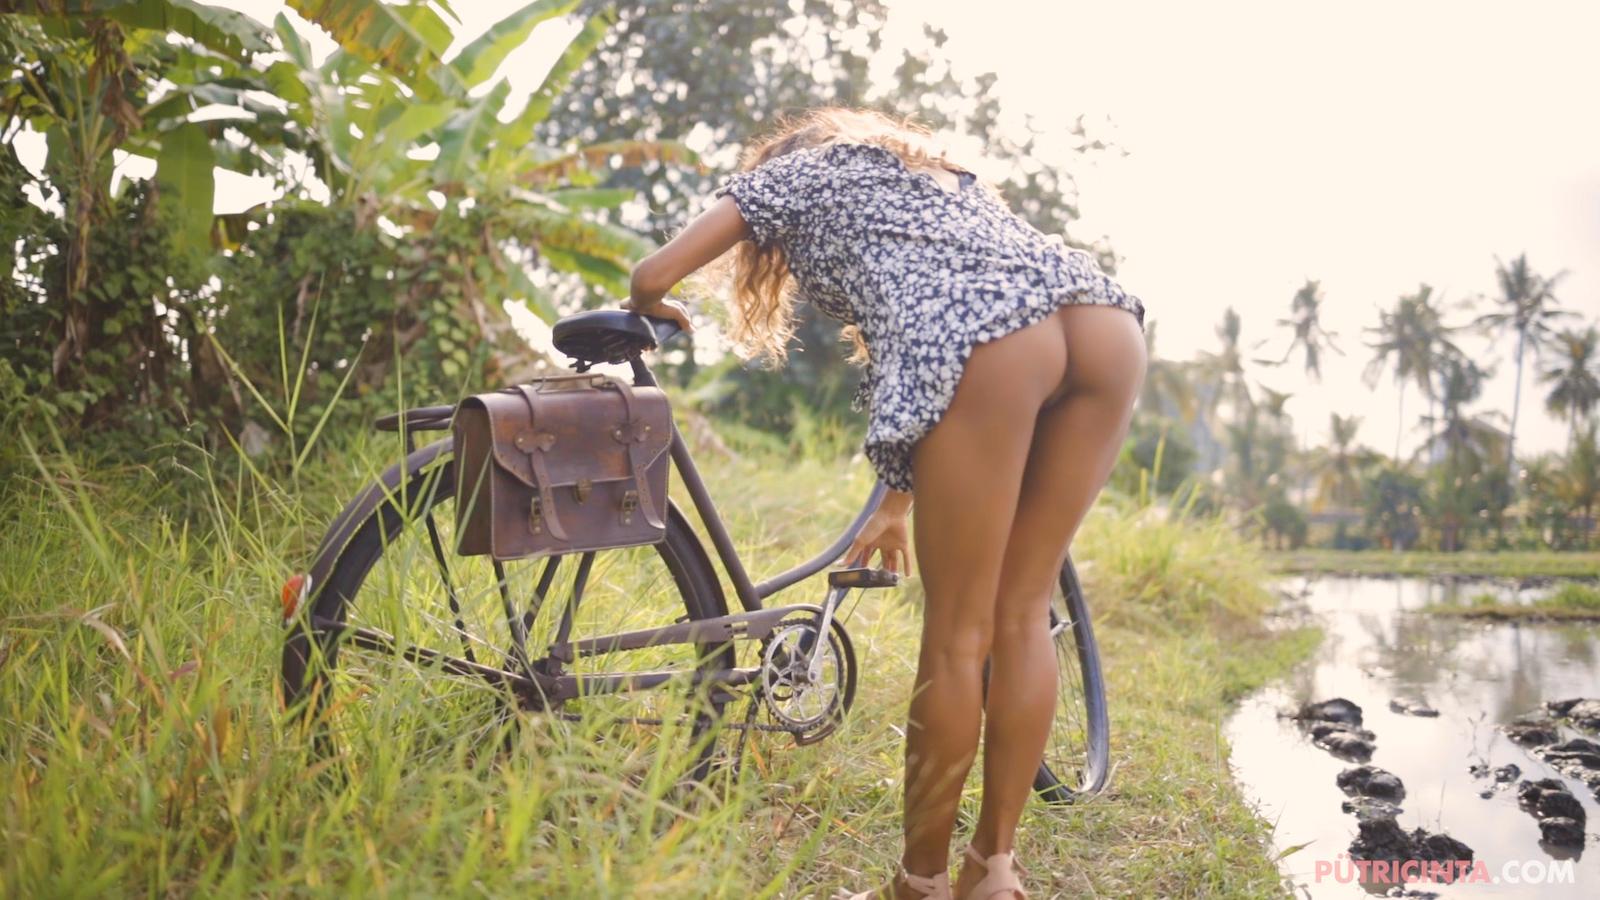 024-cyclingcommando-Putri-Cinta-Mainvid-stills-29.jpg